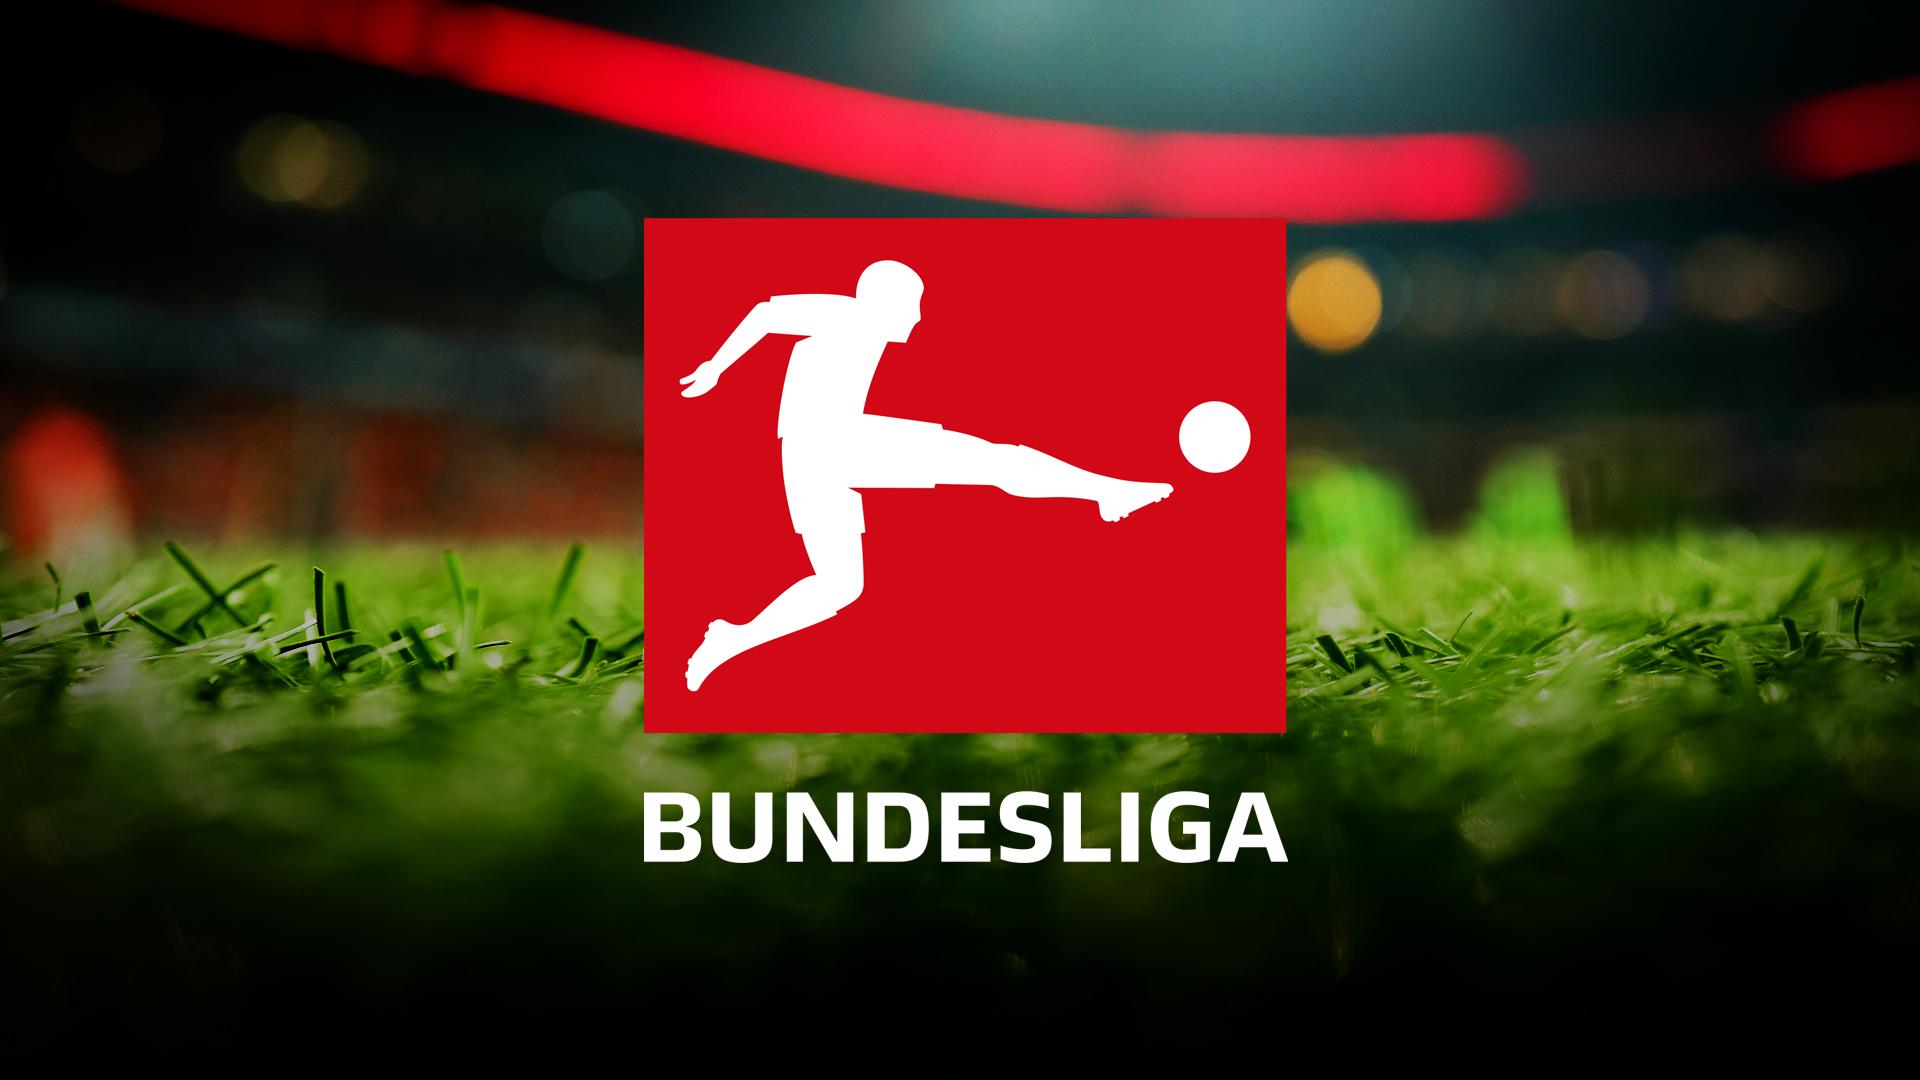 Edhe Bundesliga e ka një datë për startin e sezonit të ri!